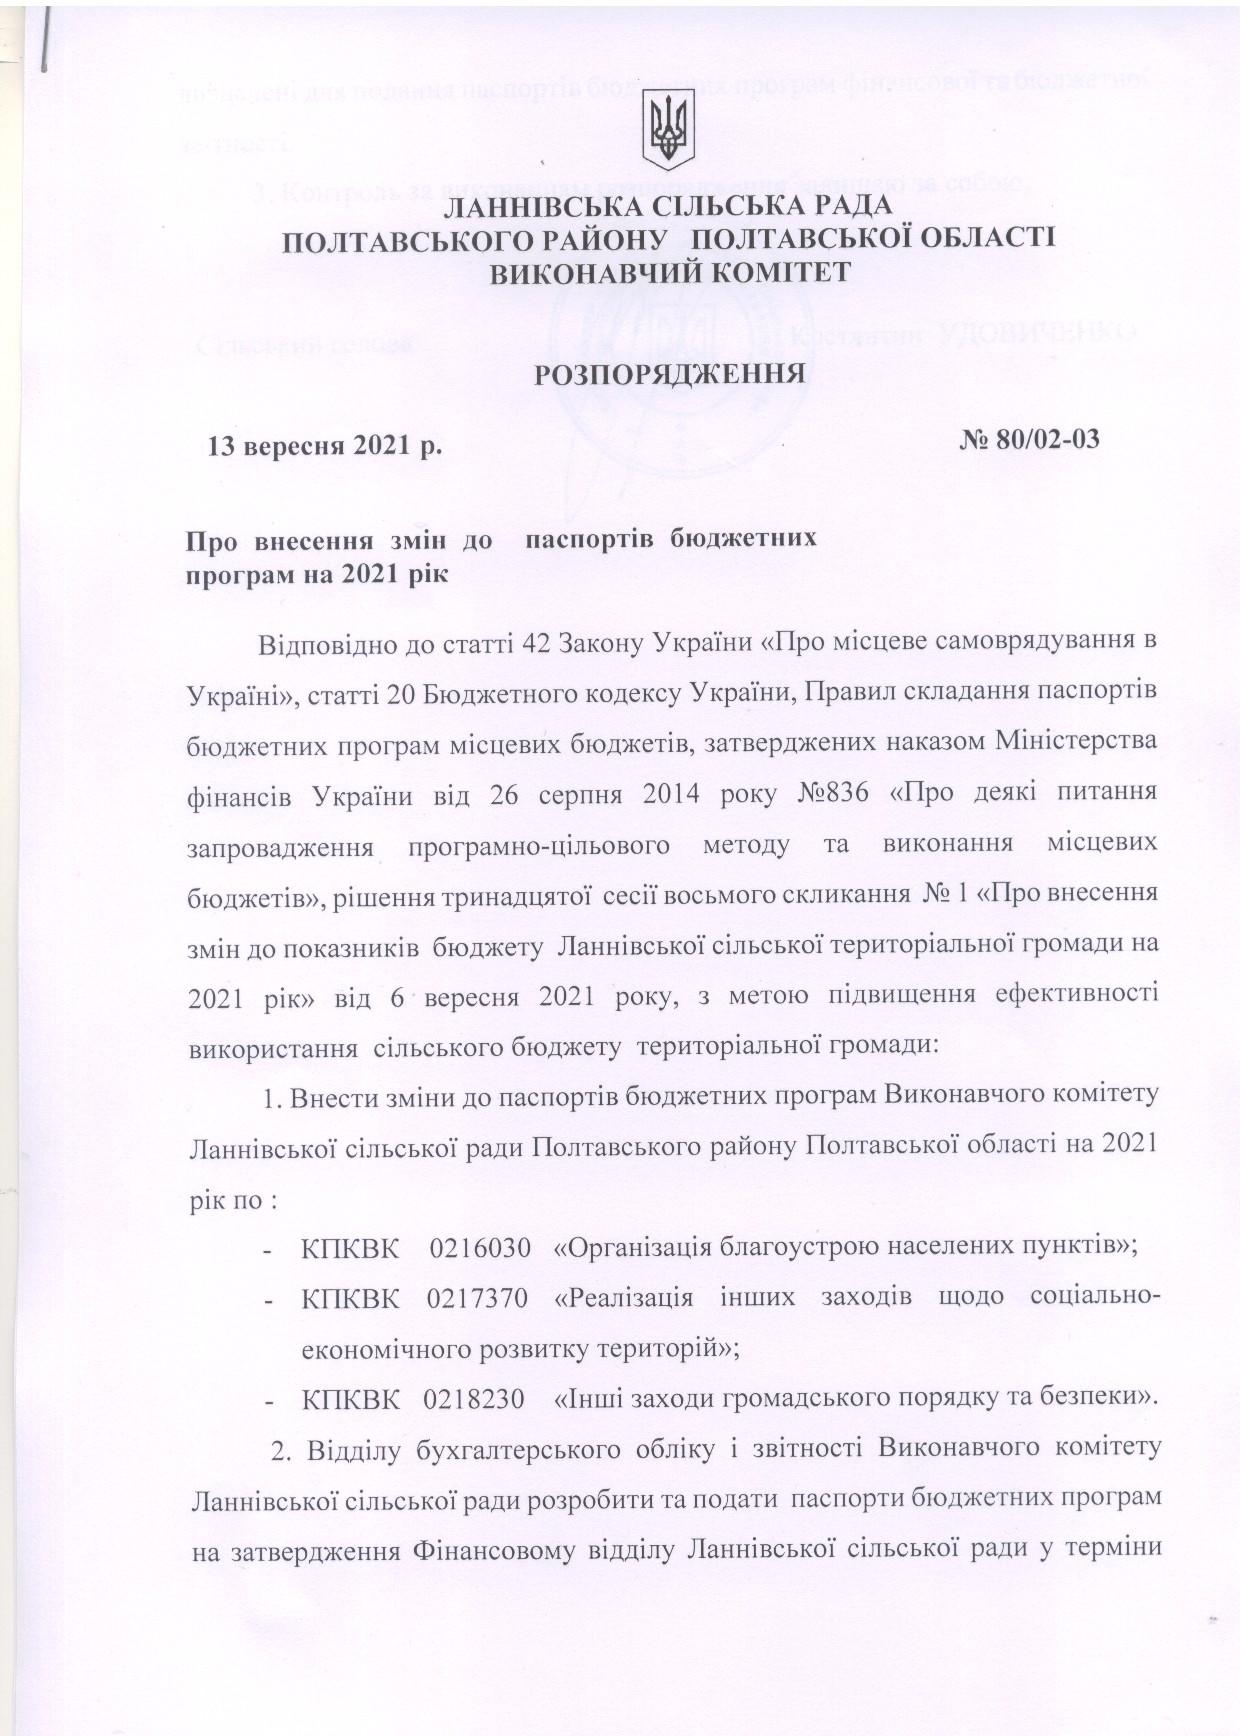 Про внесення змін до паспортів бюджетних програм на 2021 рік 13.09.2021